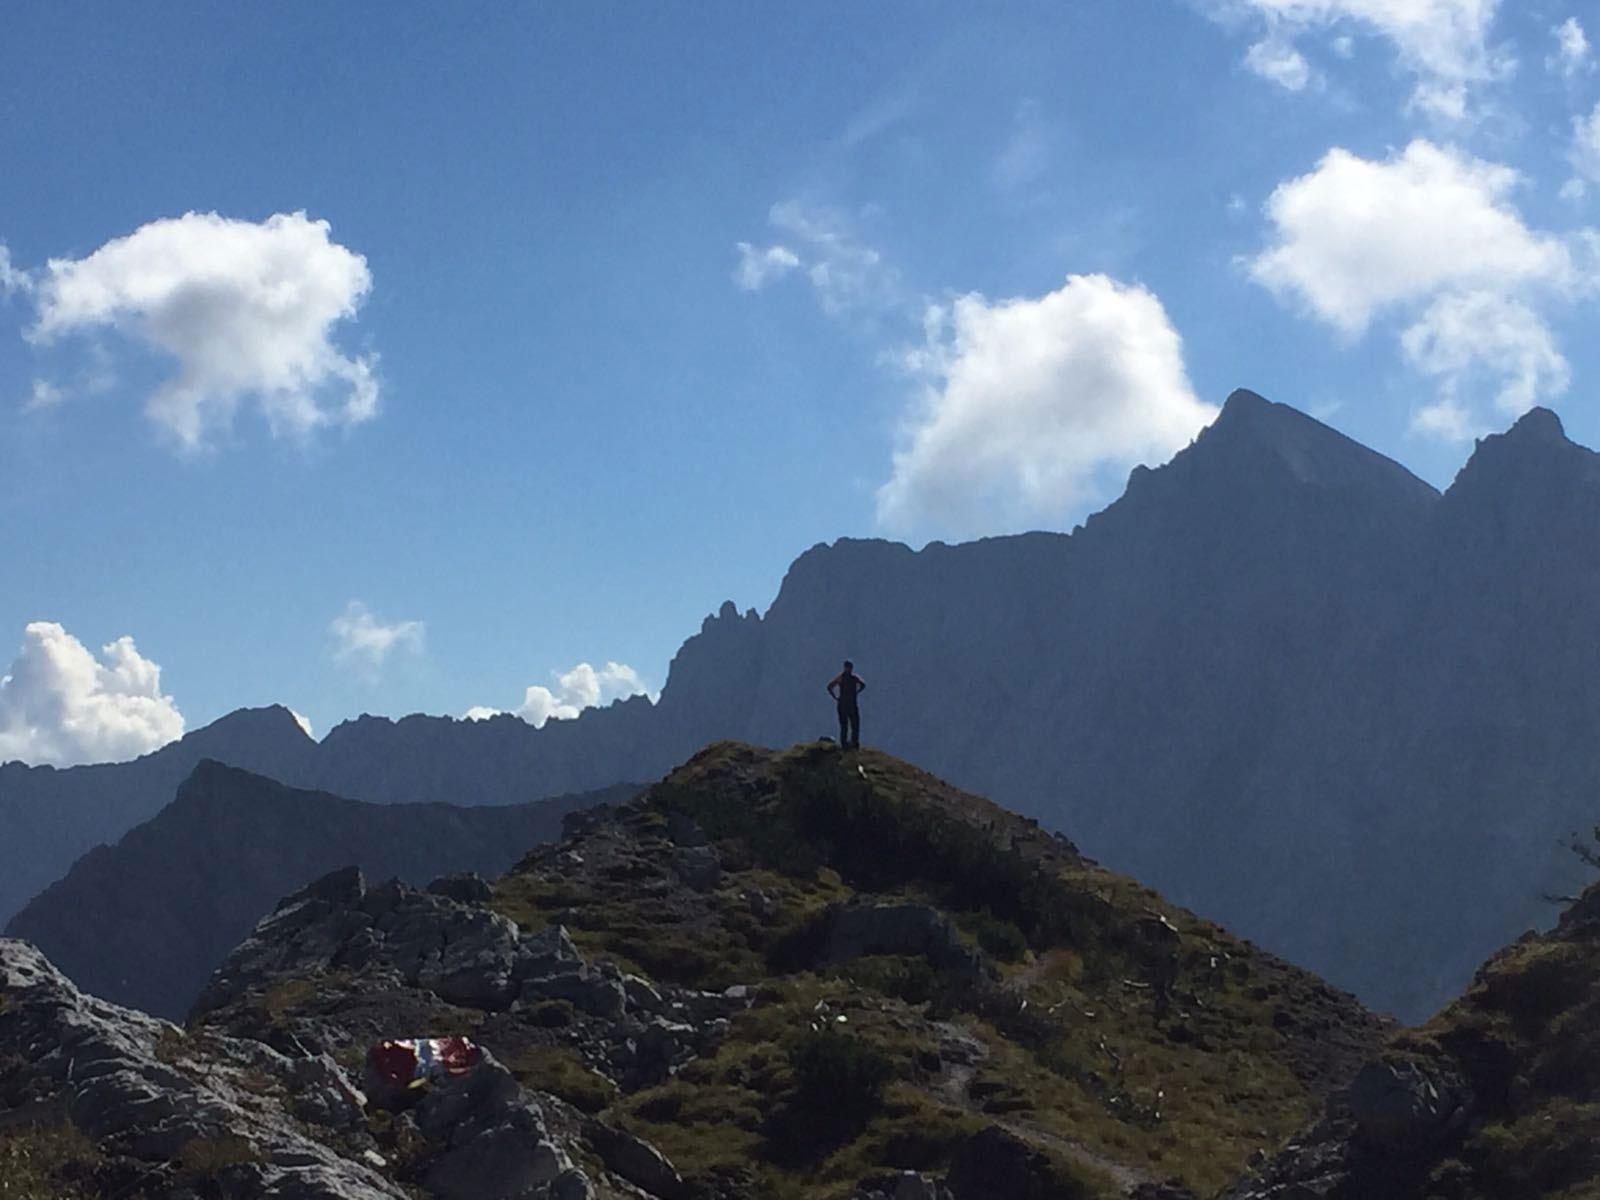 bea-froehlich-Hahnenkampl-Engtal-Karwendel-wandern